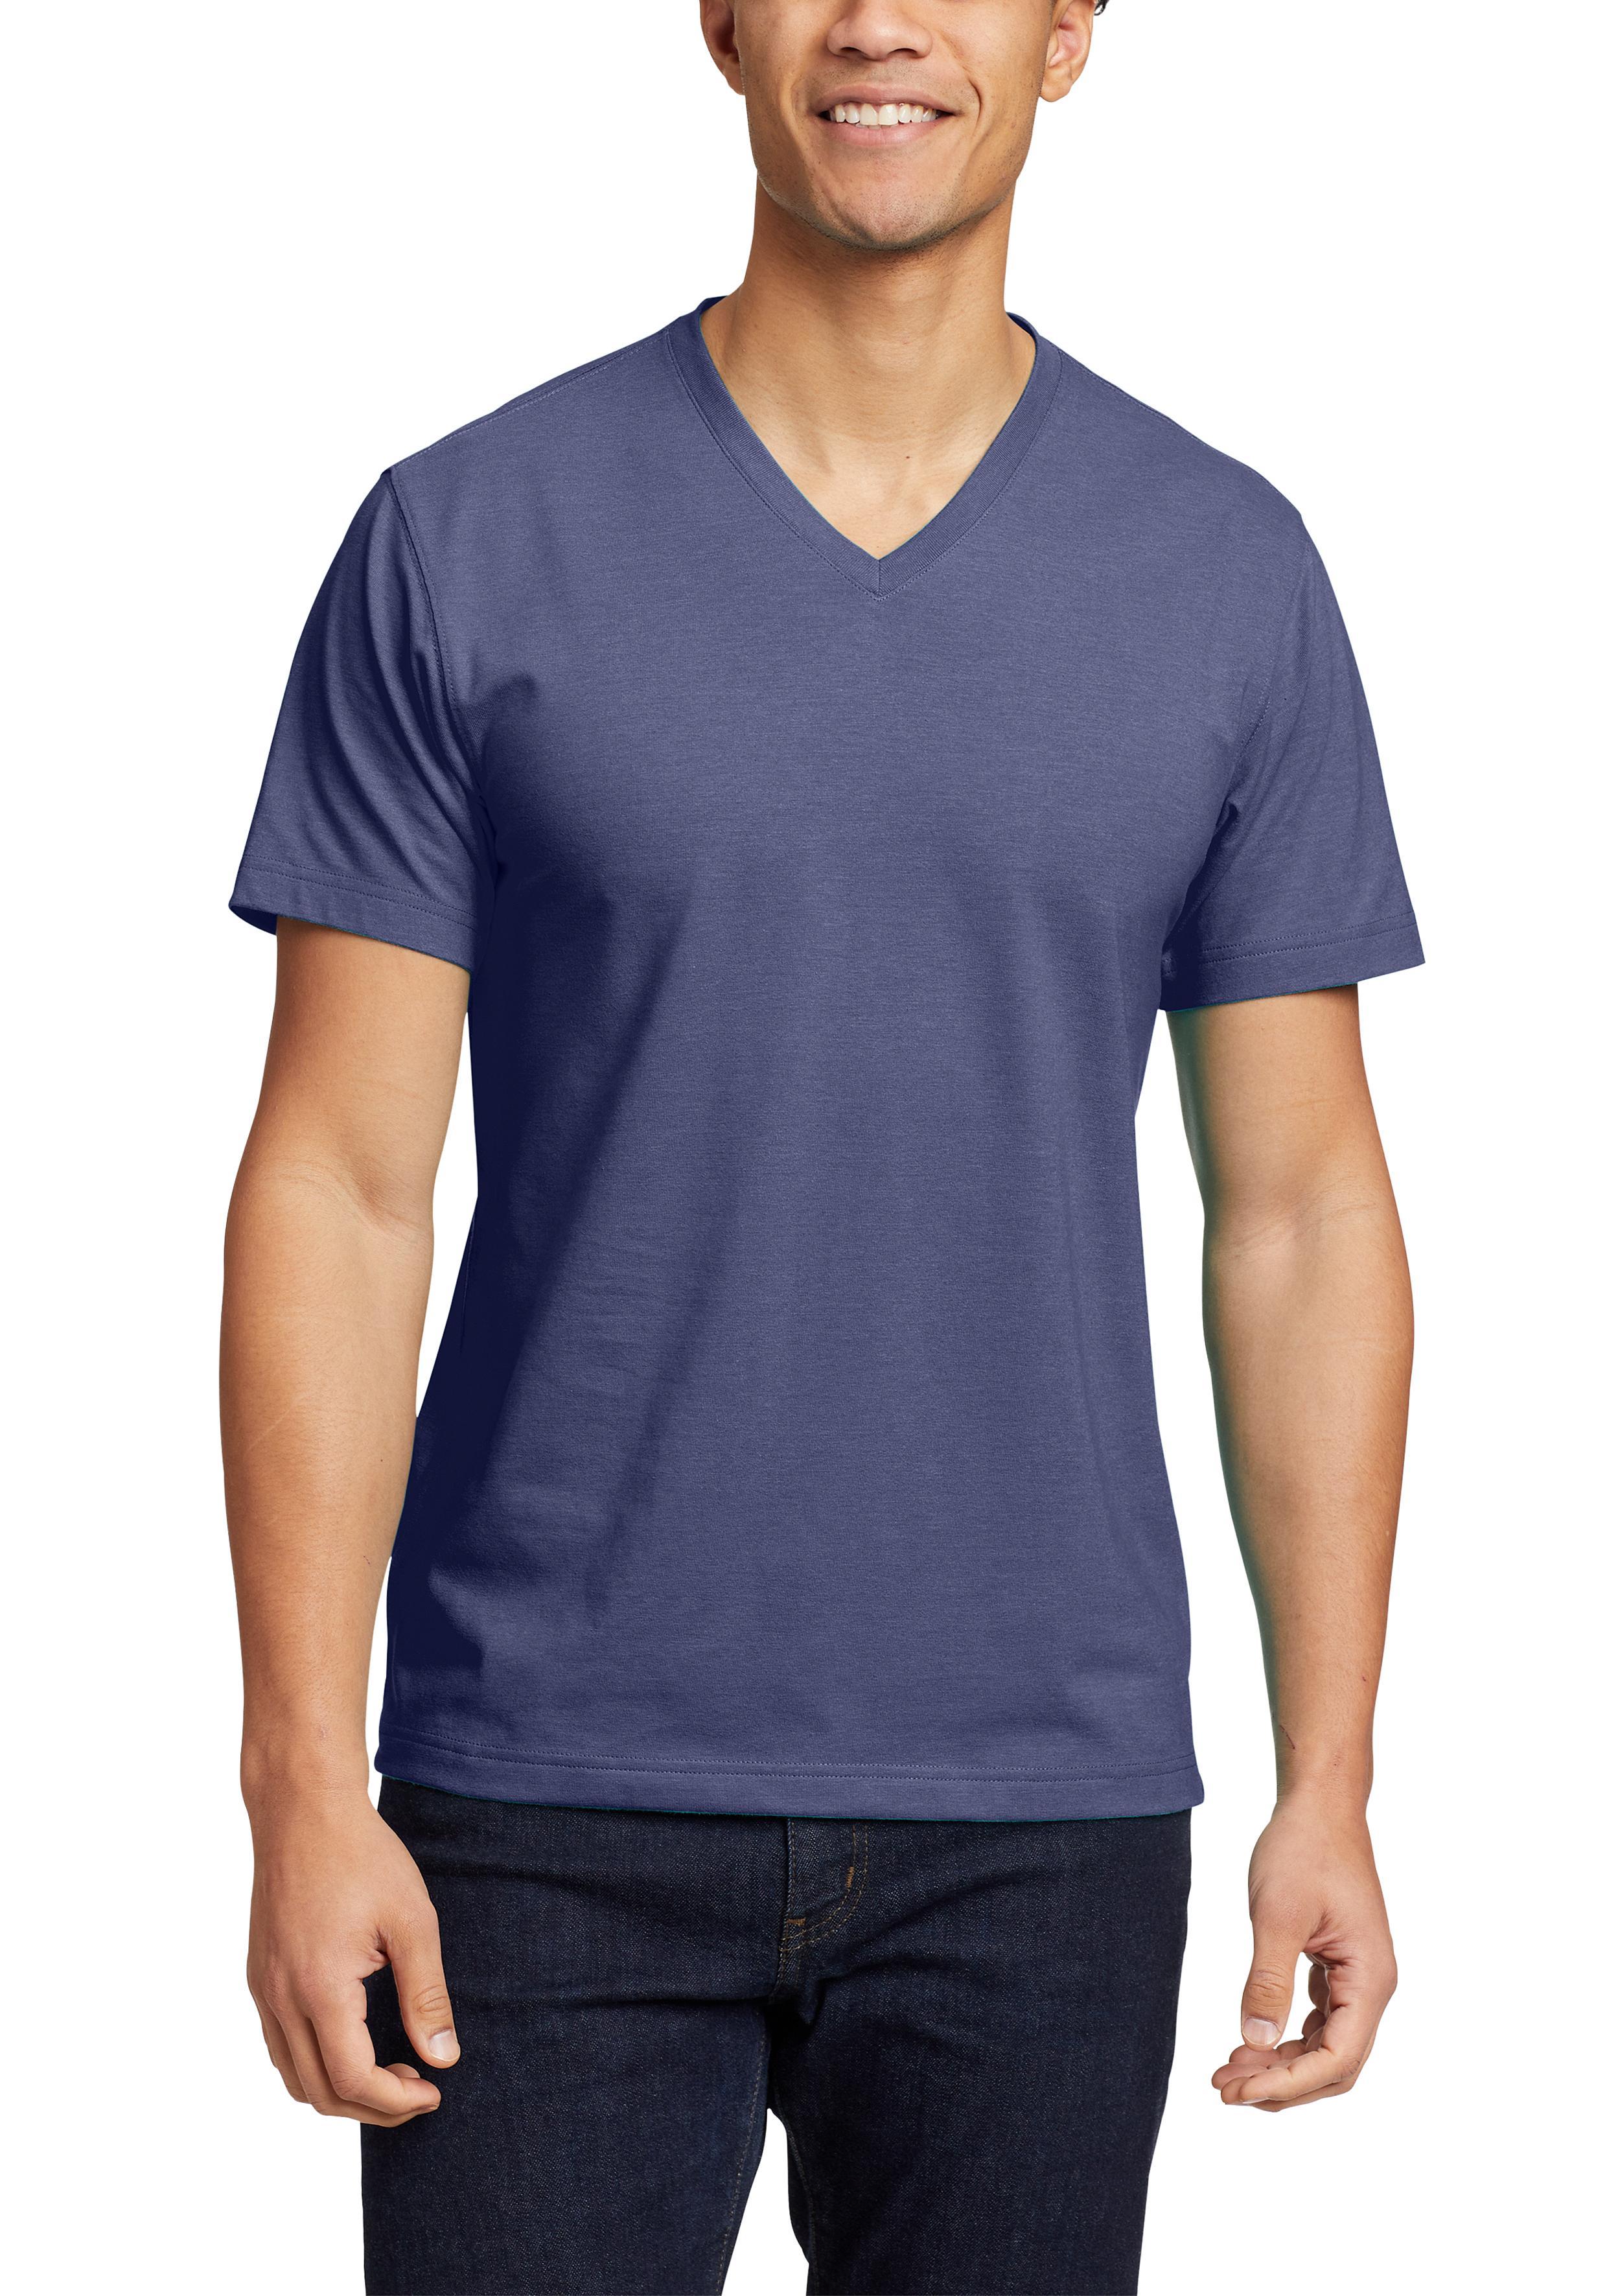 eddie bauer -  T-Shirt, Legend Wash Pro - Kurzarm mit V-Ausschnitt